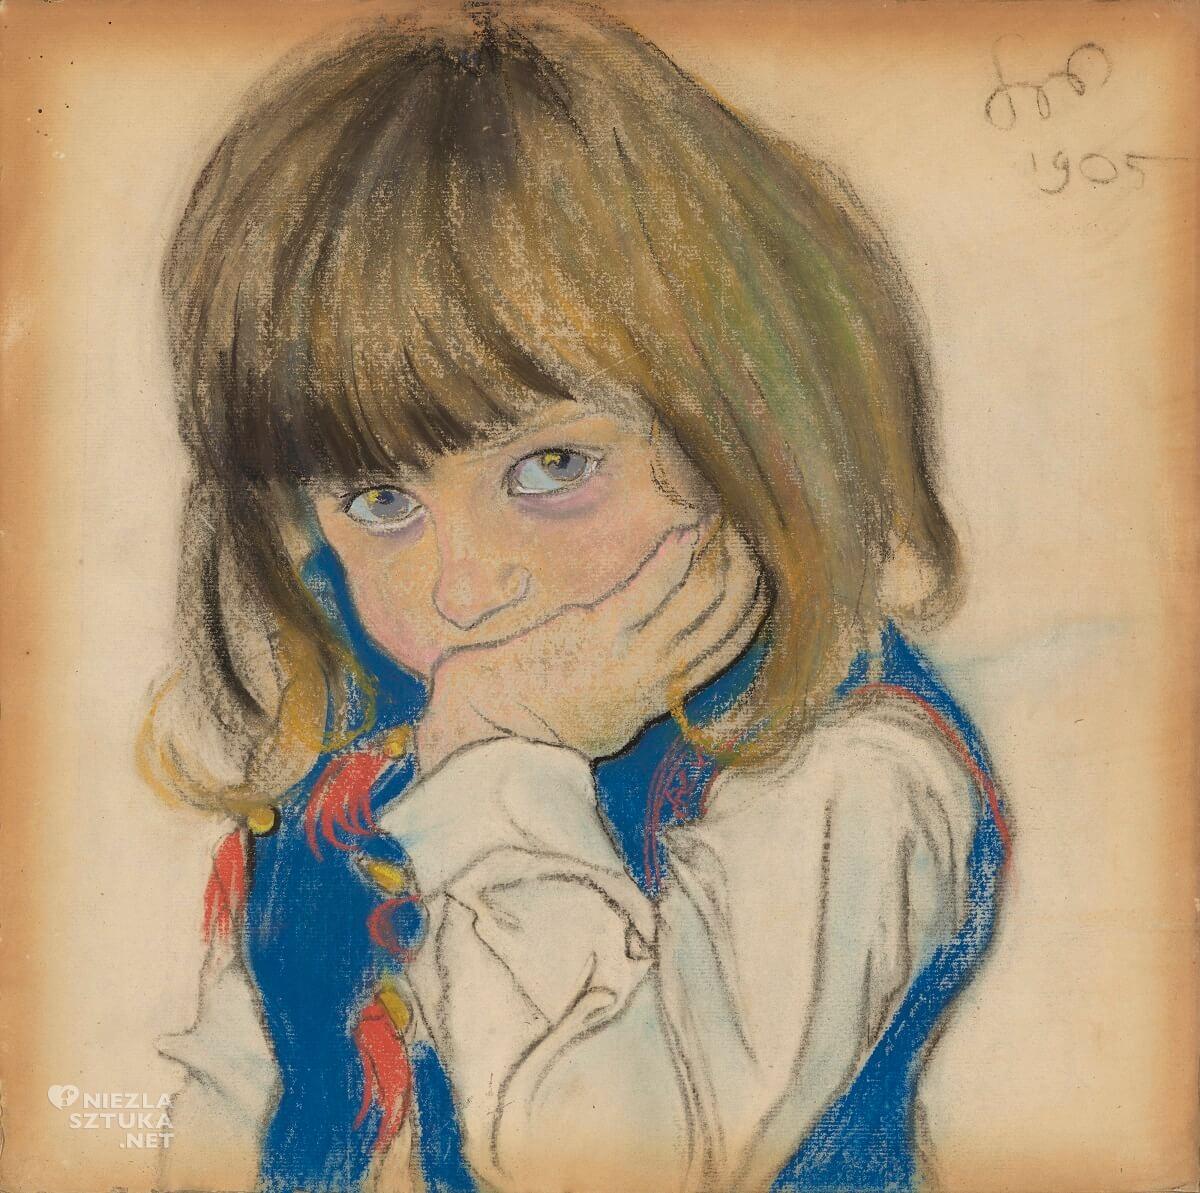 Stanisław Wyspiański,Portret chłopca, Józio Feldman, dziecko w malarstwie, polska sztuka, Niezła sztuka